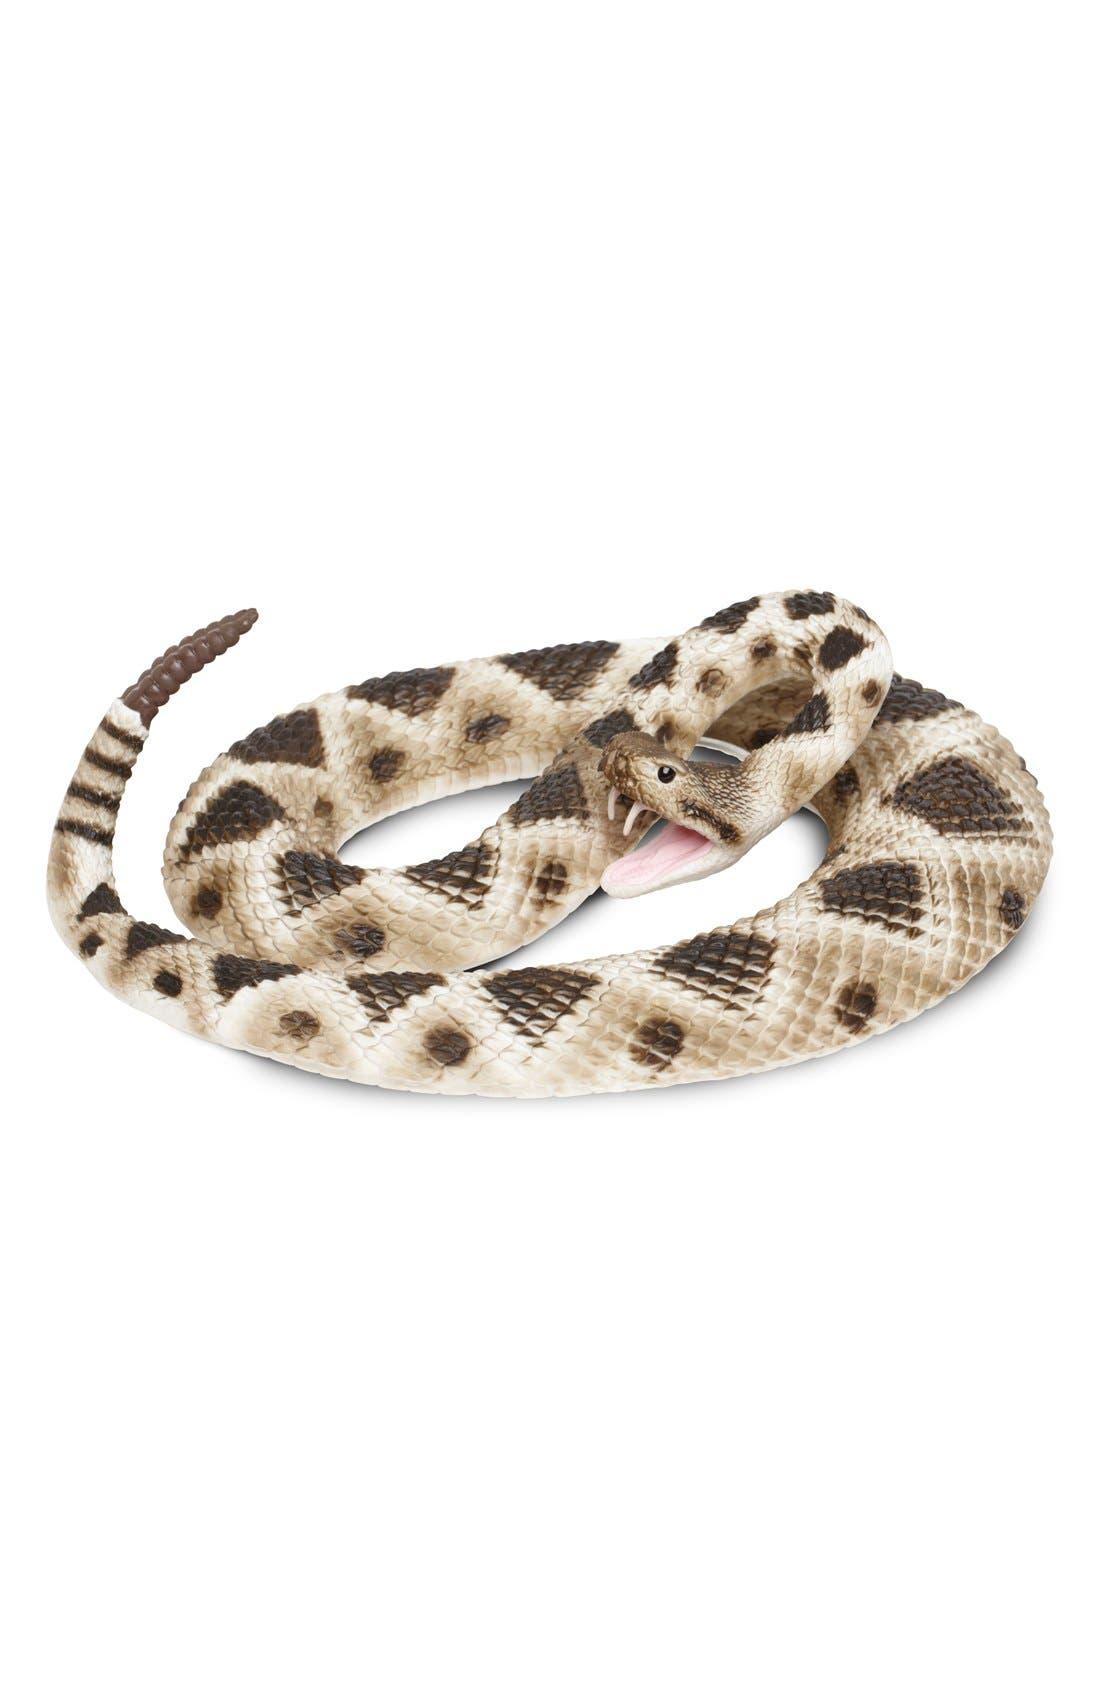 Main Image - Safari Ltd. Diamondback Rattlesnake Figurine